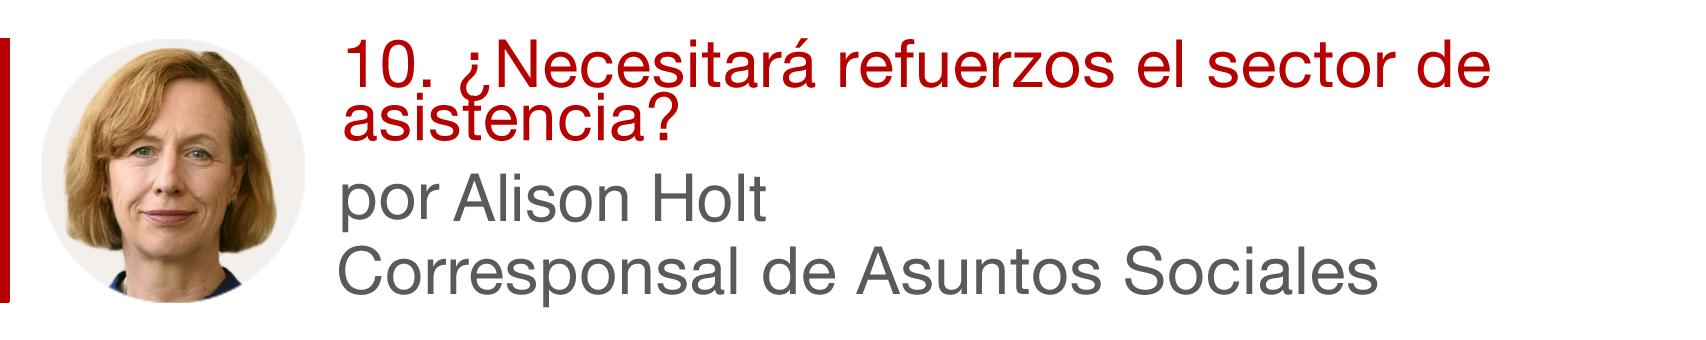 Etiqueta Holt